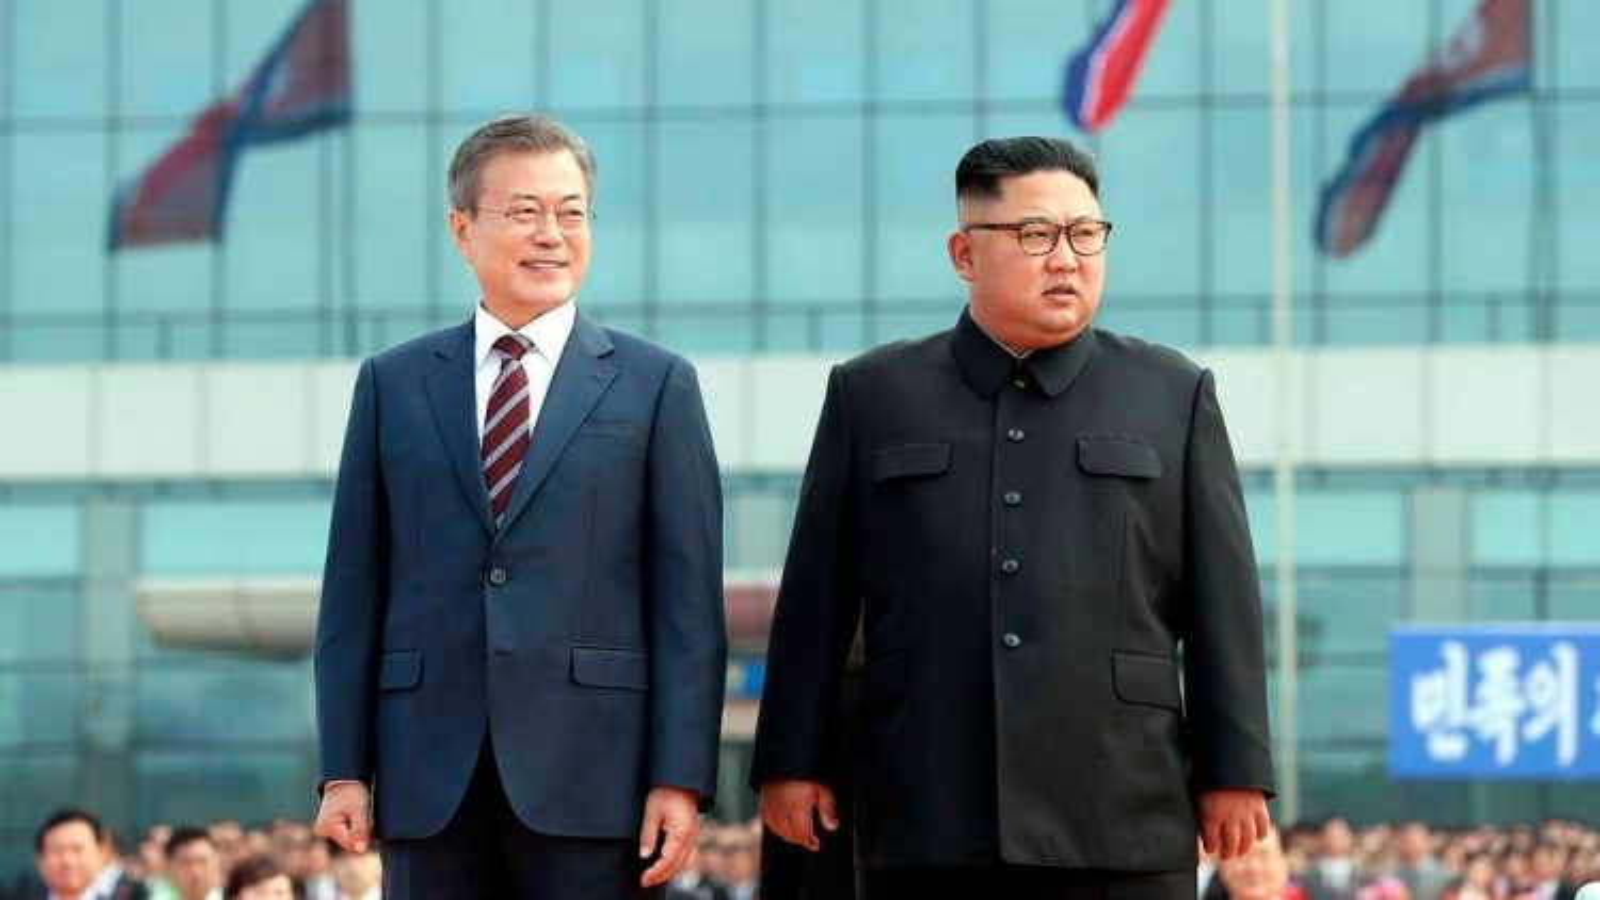 Hàn Quốc kêu gọi Triều Tiên sớm nối lại liên lạc giữa hai miền